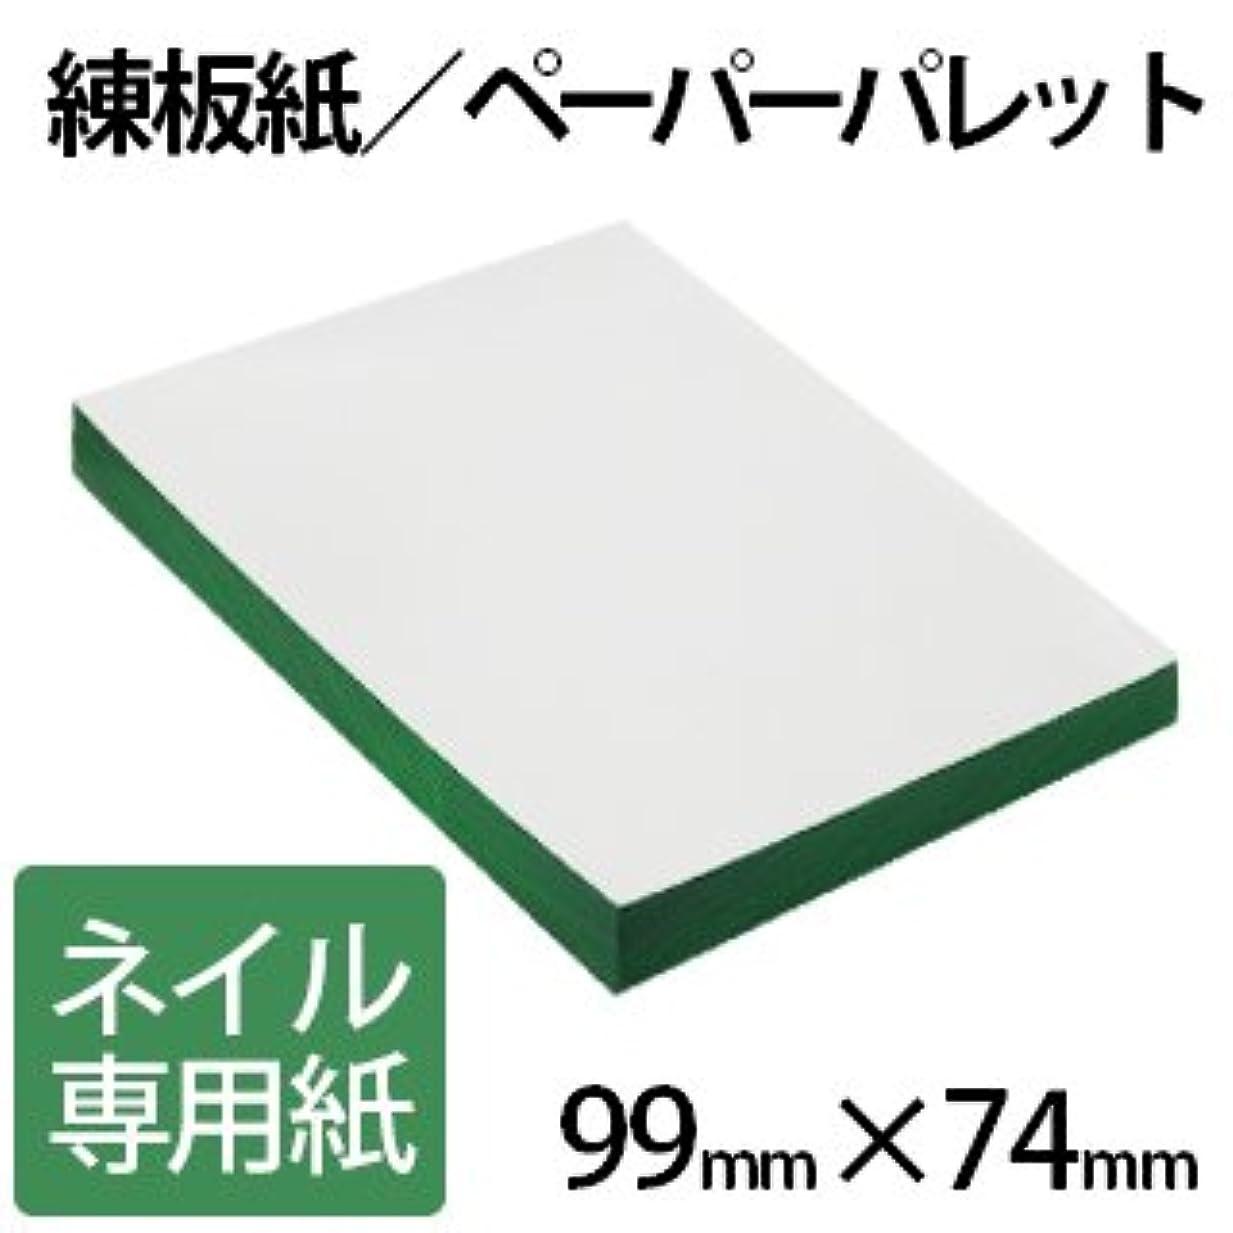 ネイル用 練板紙 ペーパーパレット 使い捨て 練和紙